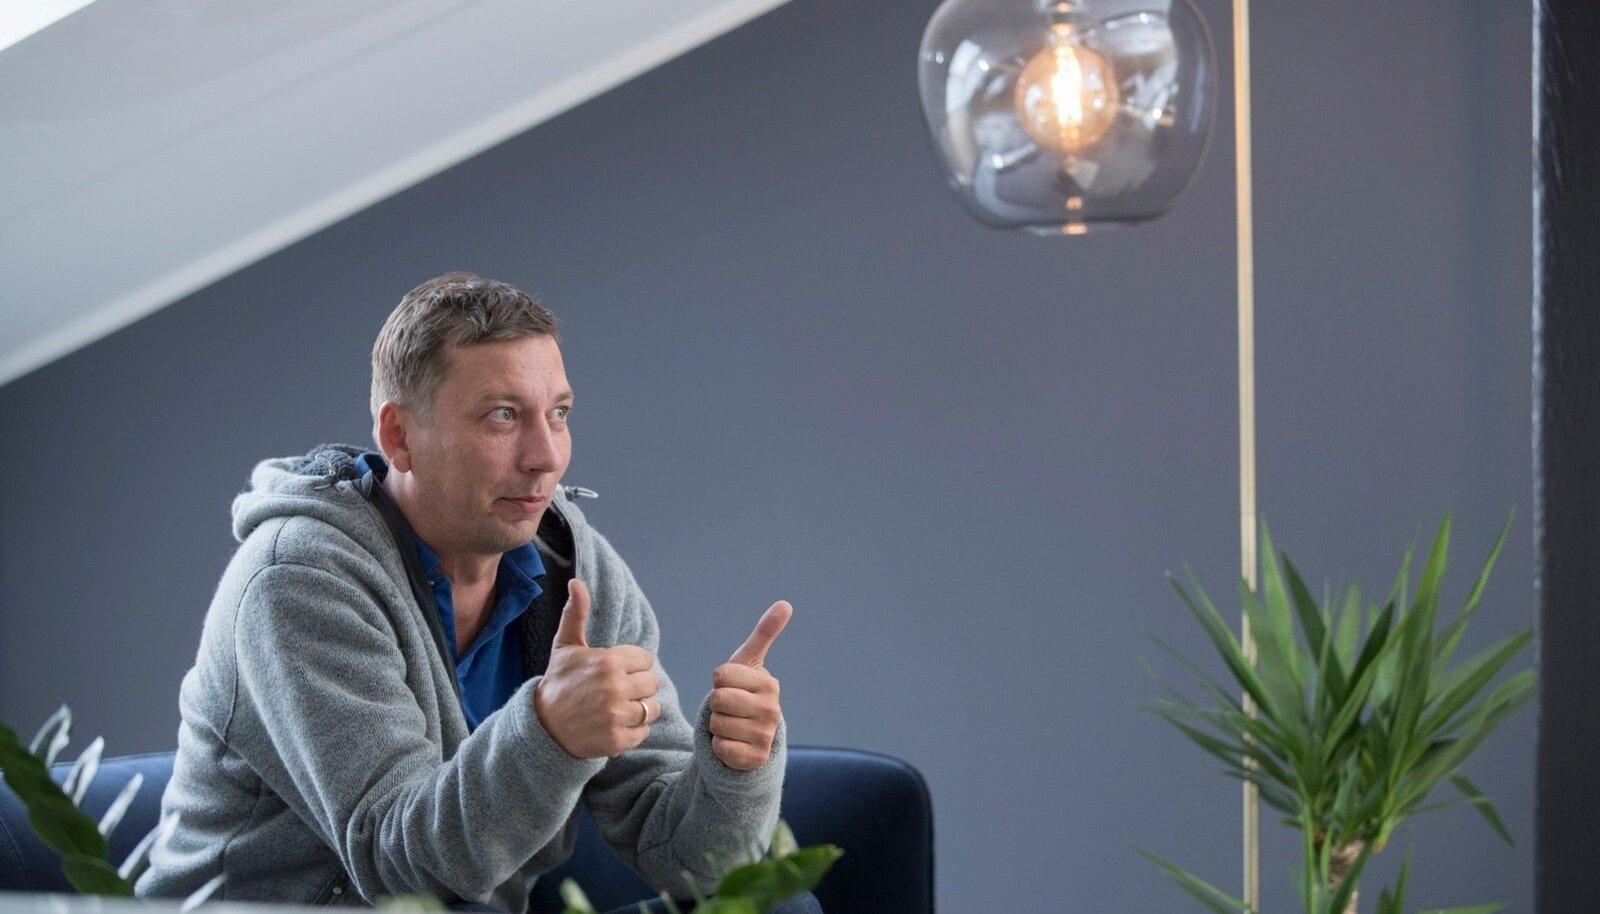 Guardtime'i president Martin Ruubel kinnitab, et tema ettevõtte tehnoloogia oleks ühe maailma suurema küberskandaali ära hoidnud.